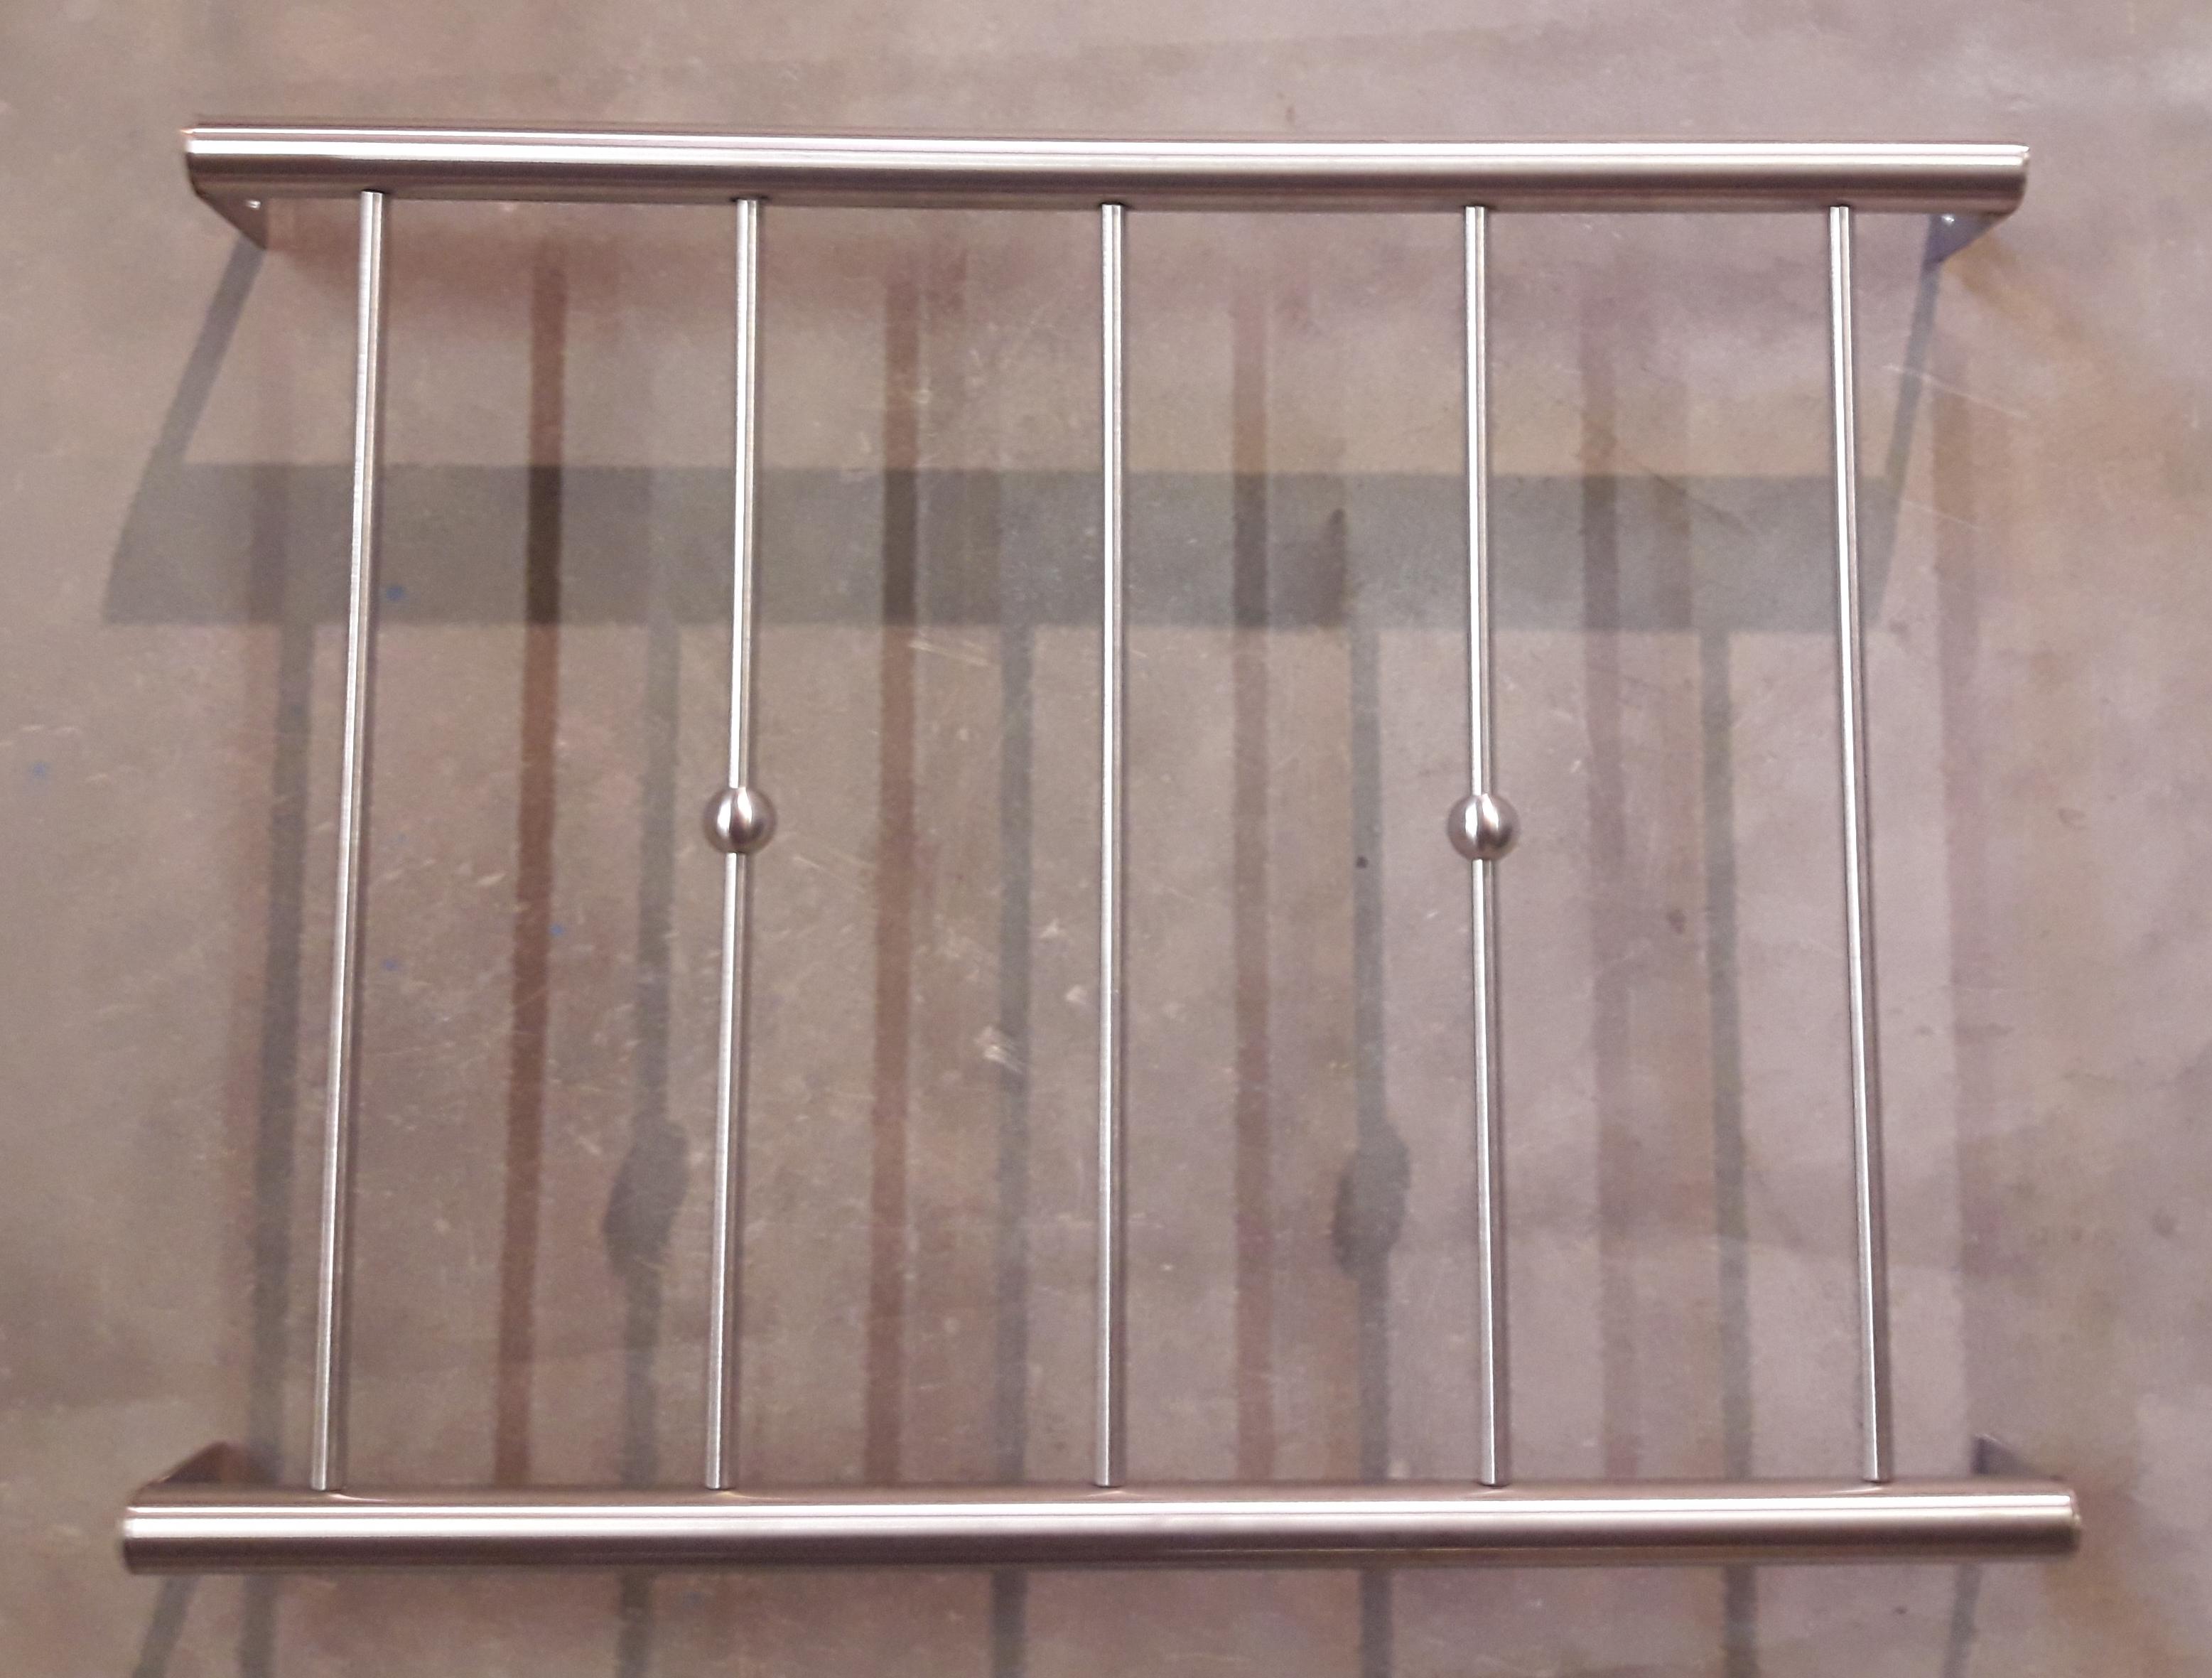 Häufig Sicherheitsgitter Fenstergitter Kellergitter Einbruchschutz VH85